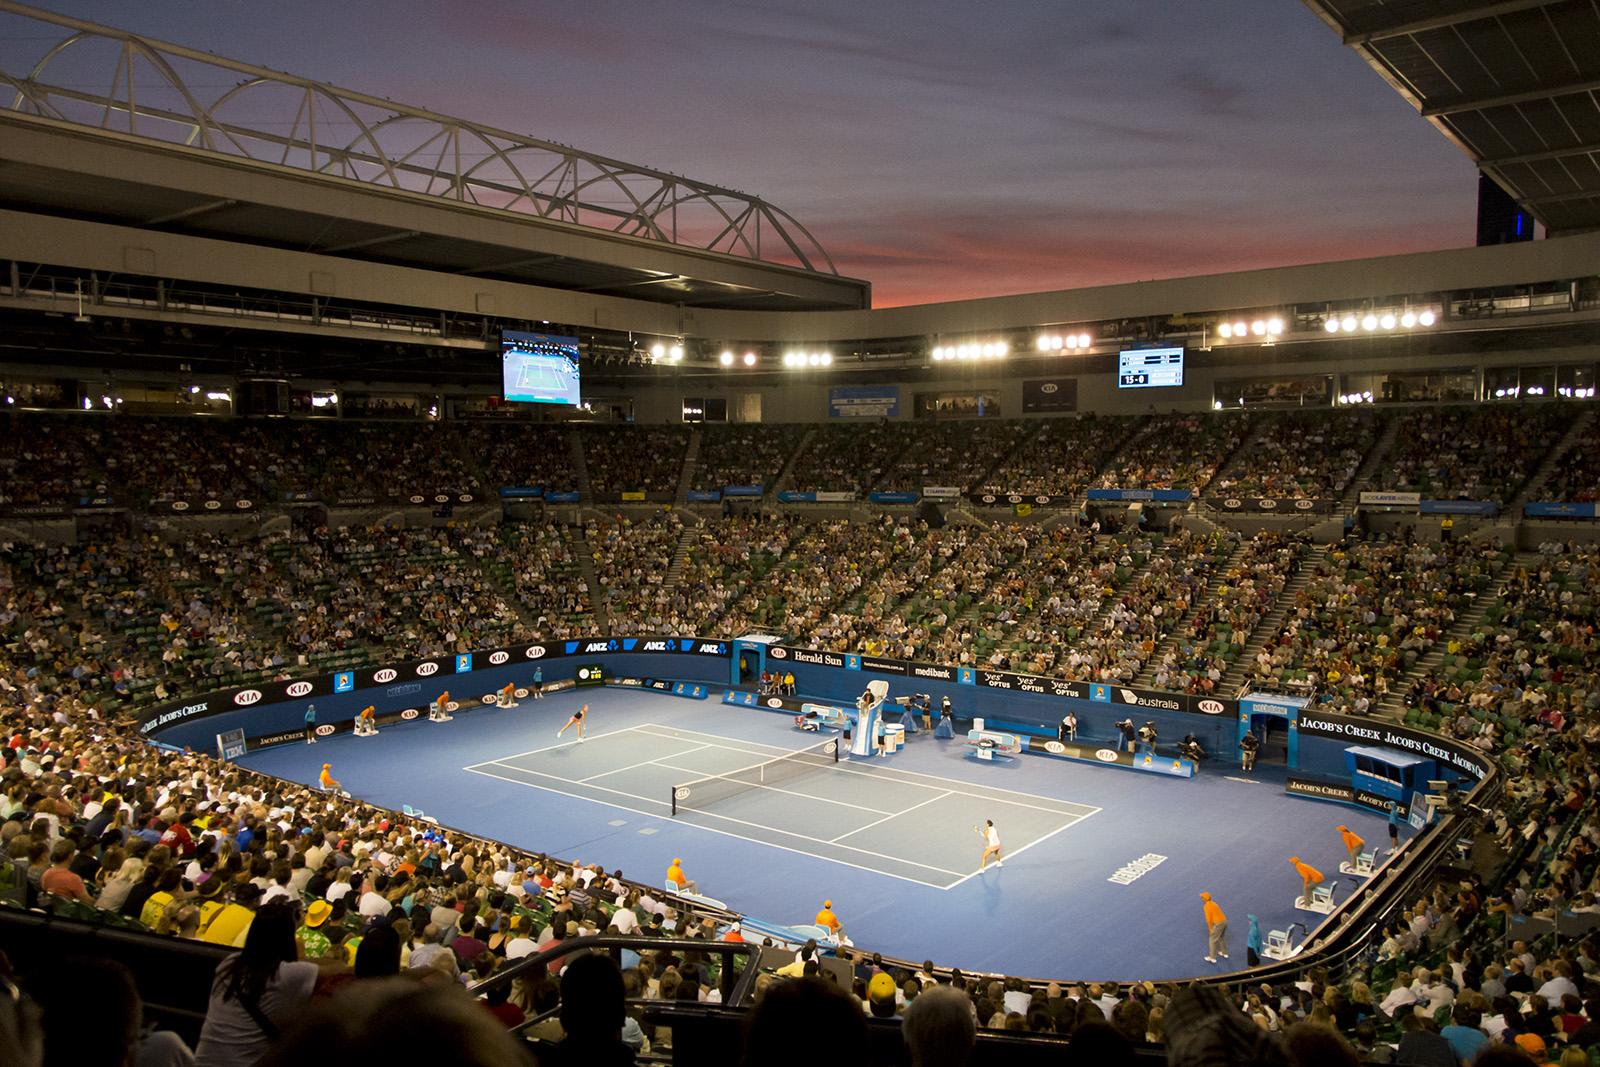 Could TripAdvisor Be the Next Partner of Australian Open?